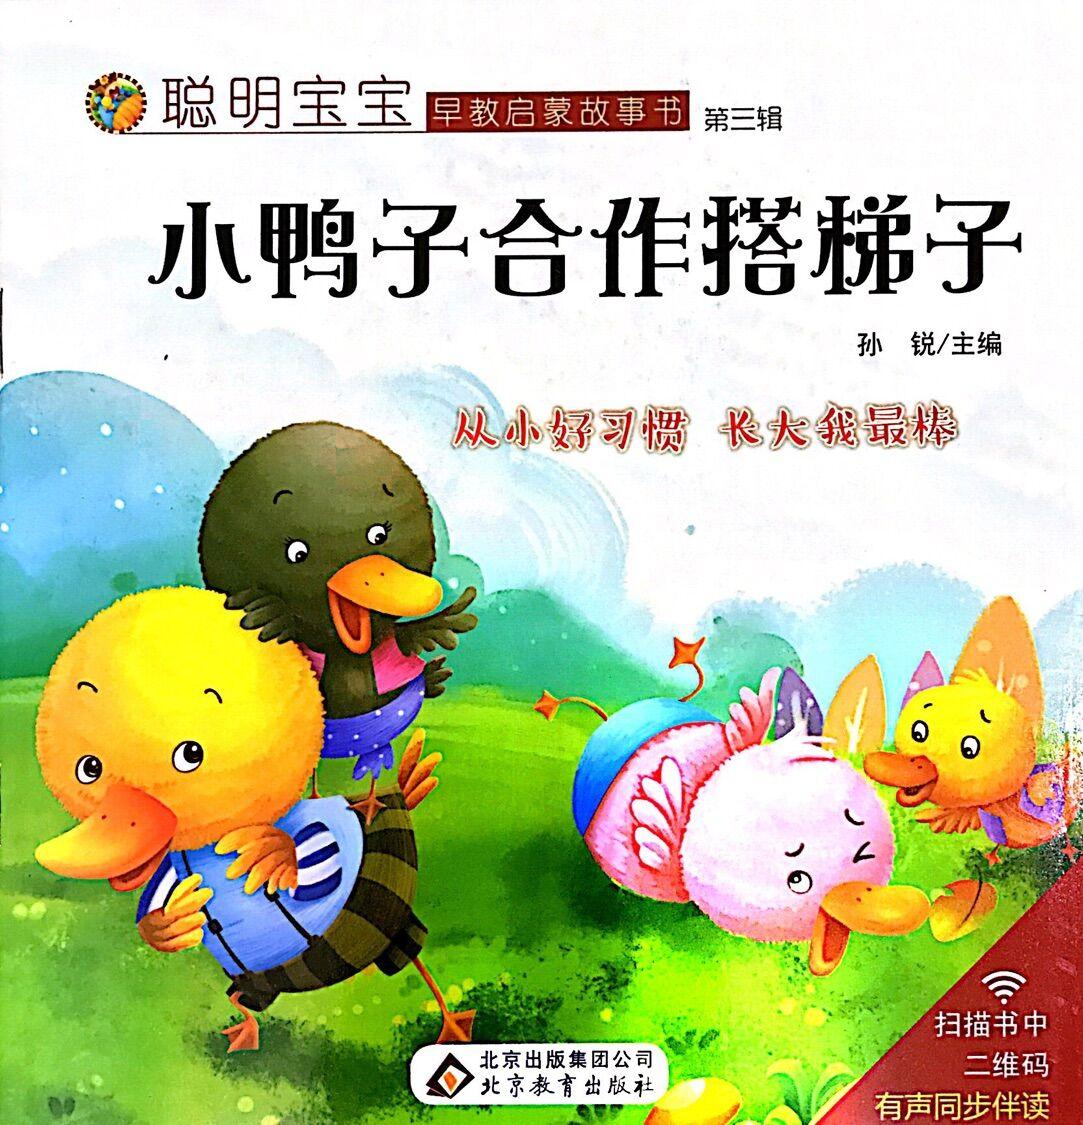 聪明宝宝早教启蒙故事书第三辑:小鸭子合作搭梯子